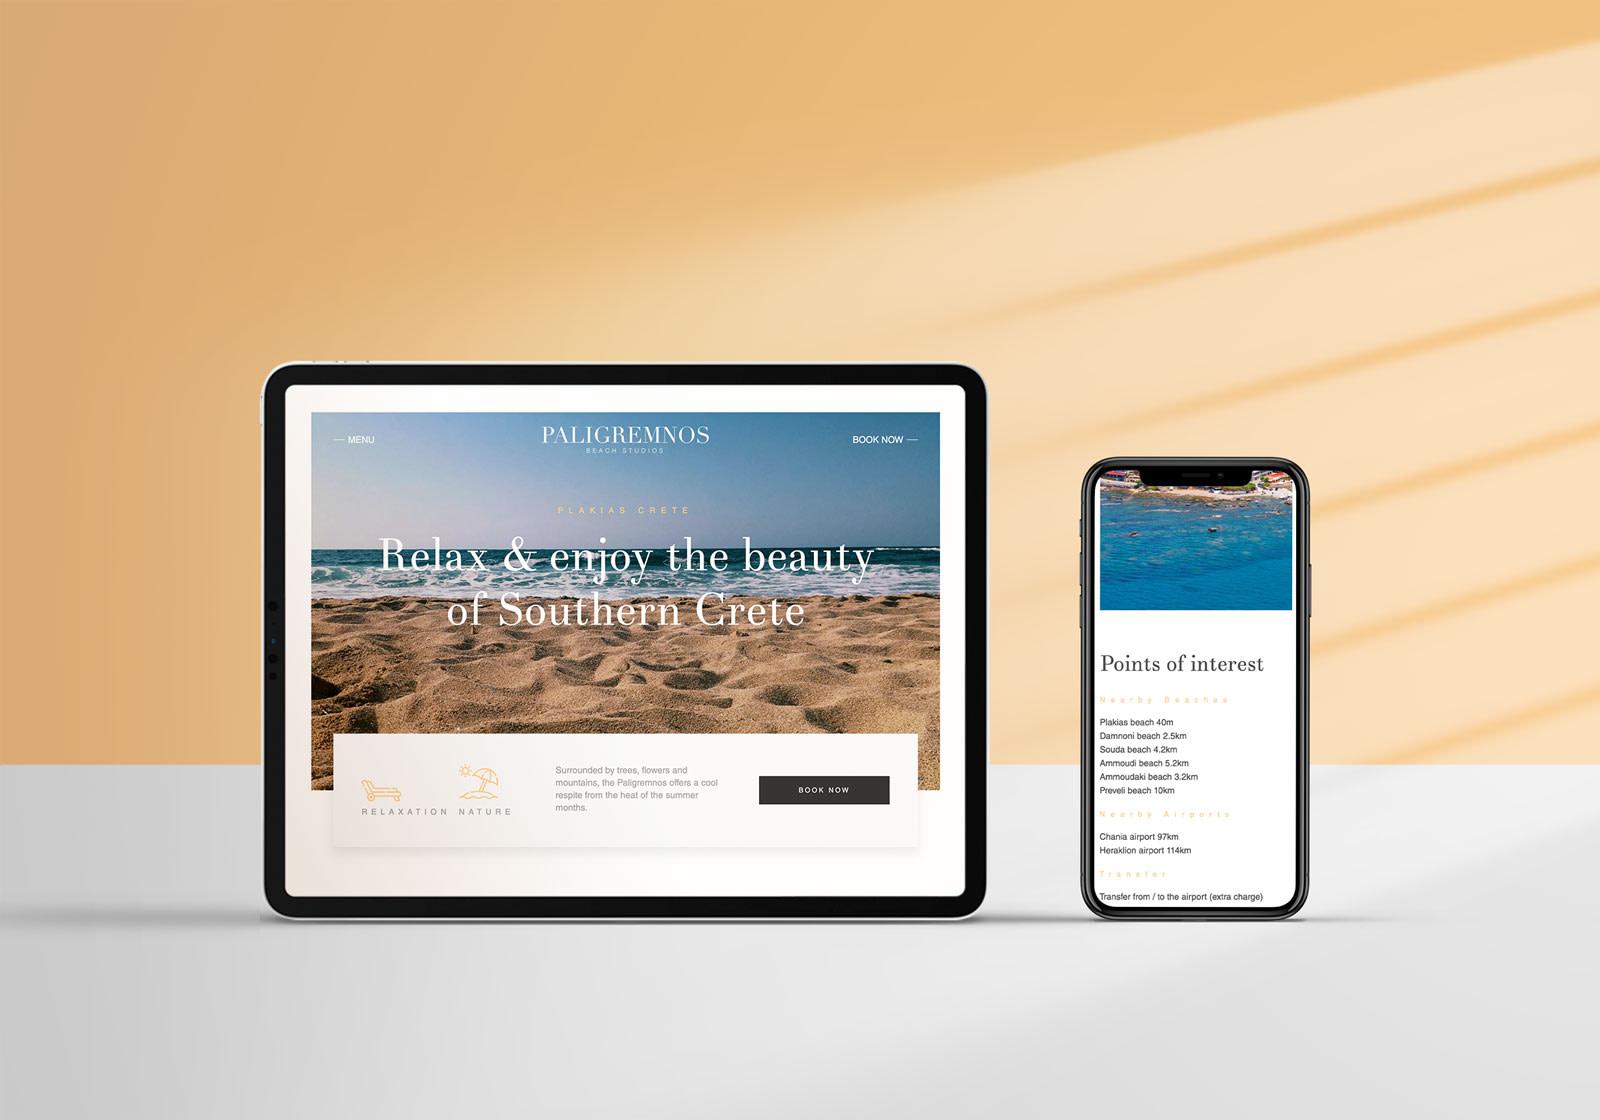 paligremnos-website